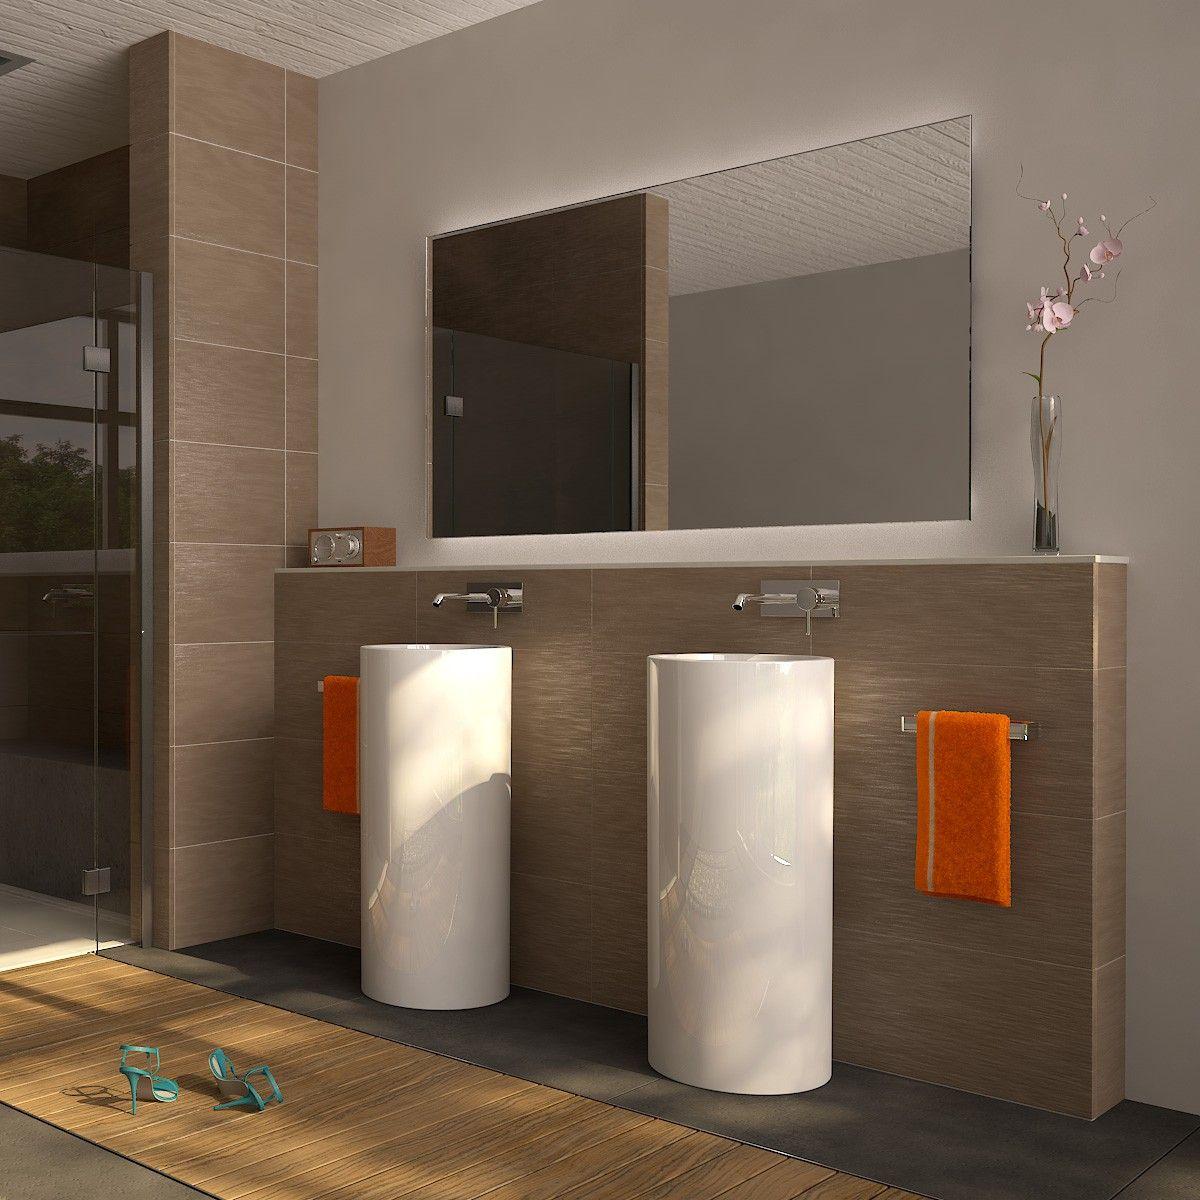 Badezimmerspiegel Hinterleuchtet.Badspiegel Hinterleuchtet Nach Mass Fino 989706639 Badezimmerspiegel Beleuchtet Badezimmerspiegel Badspiegel